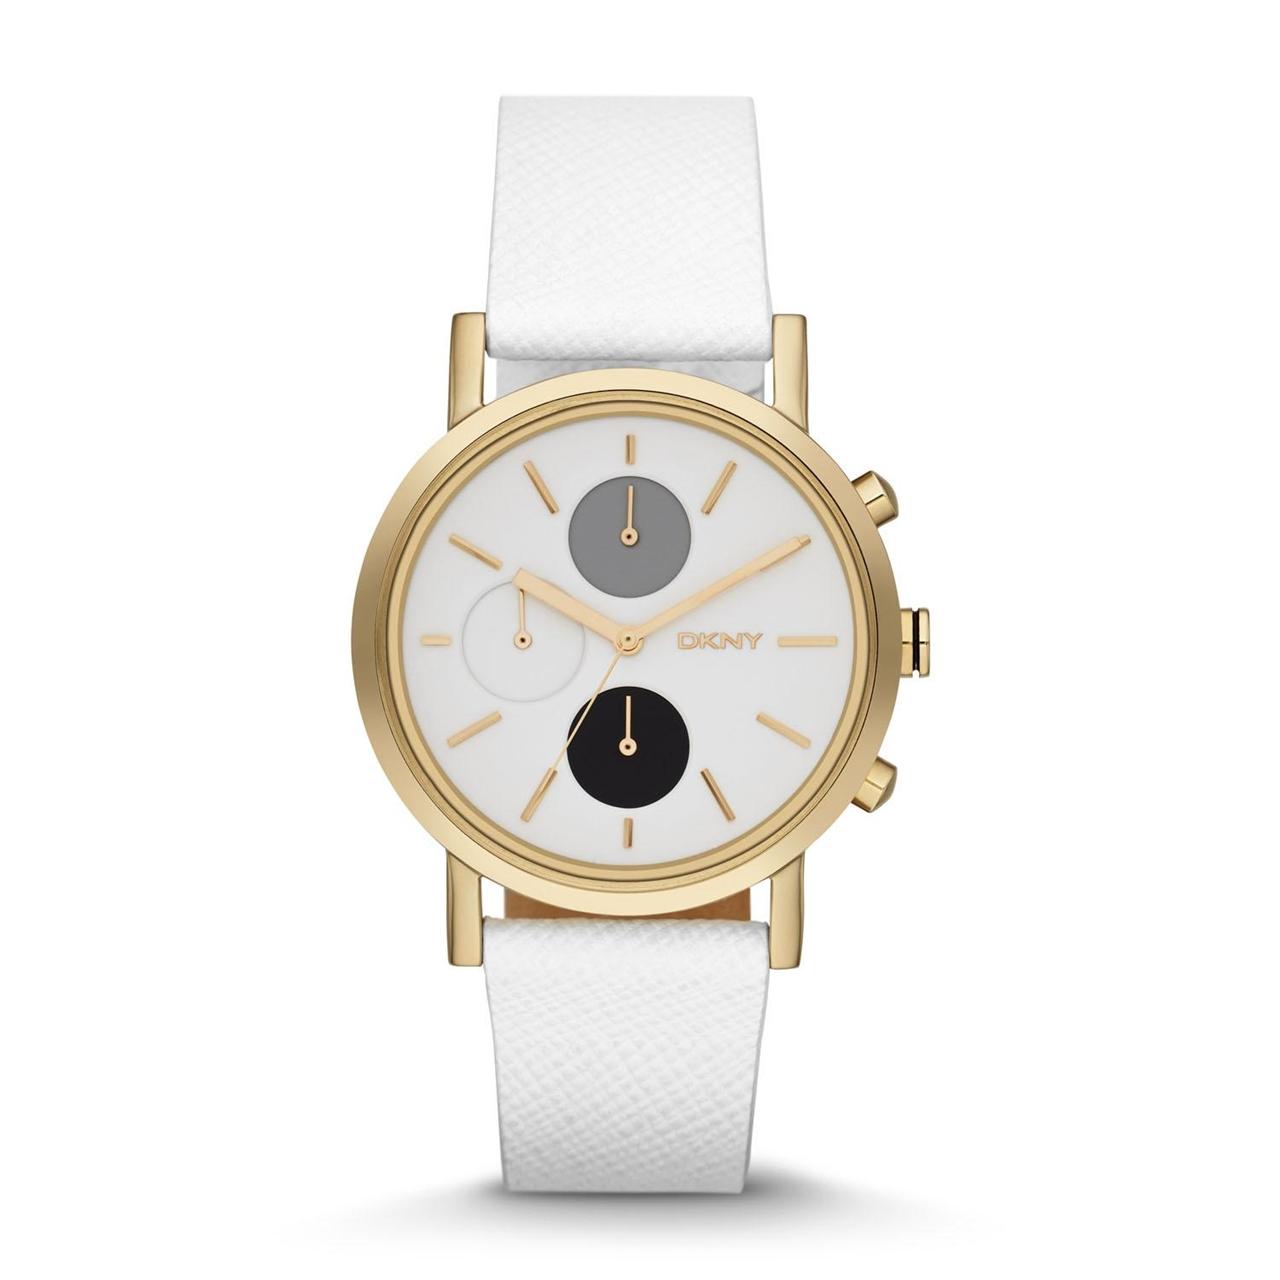 นาฬิกา DKNY รุ่น NY2148 นาฬิกาข้อมือผู้หญิง ของแท้ รับประกันศูนย์ 2 ปี ส่งพร้อมกล่อง และใบรับประกันศูนย์